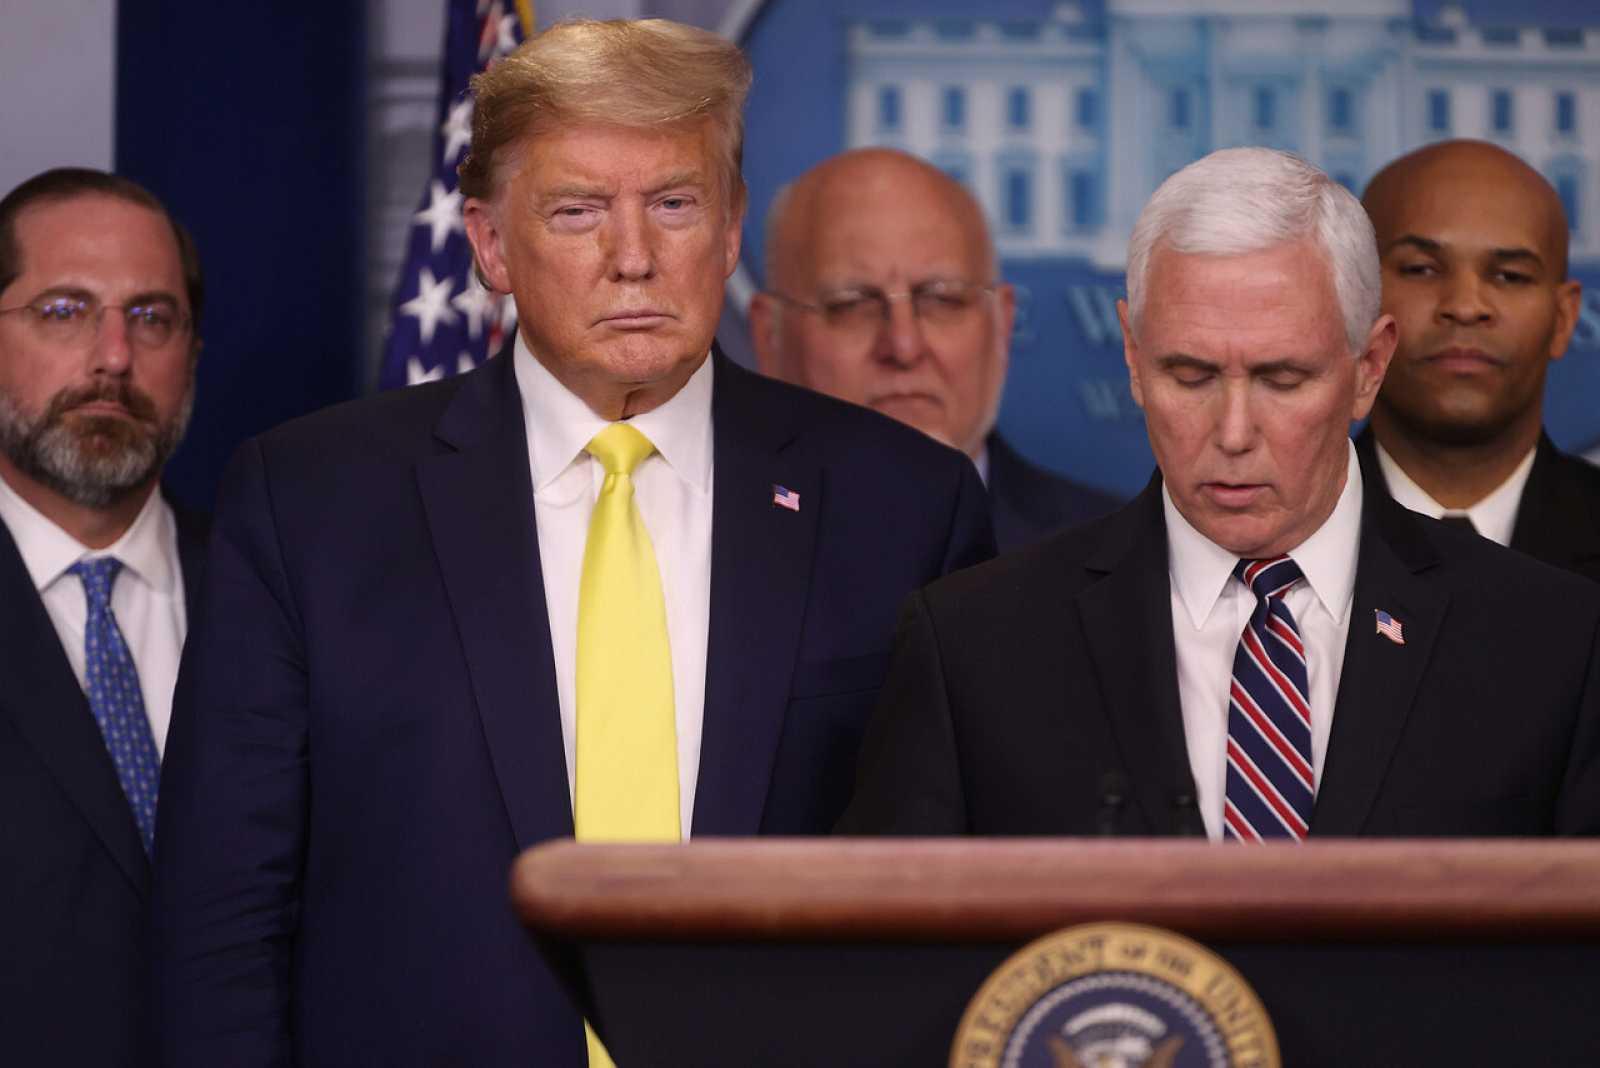 Dondald Trump y Mike Pence durante la rueda de prensa en la Casa Blanca